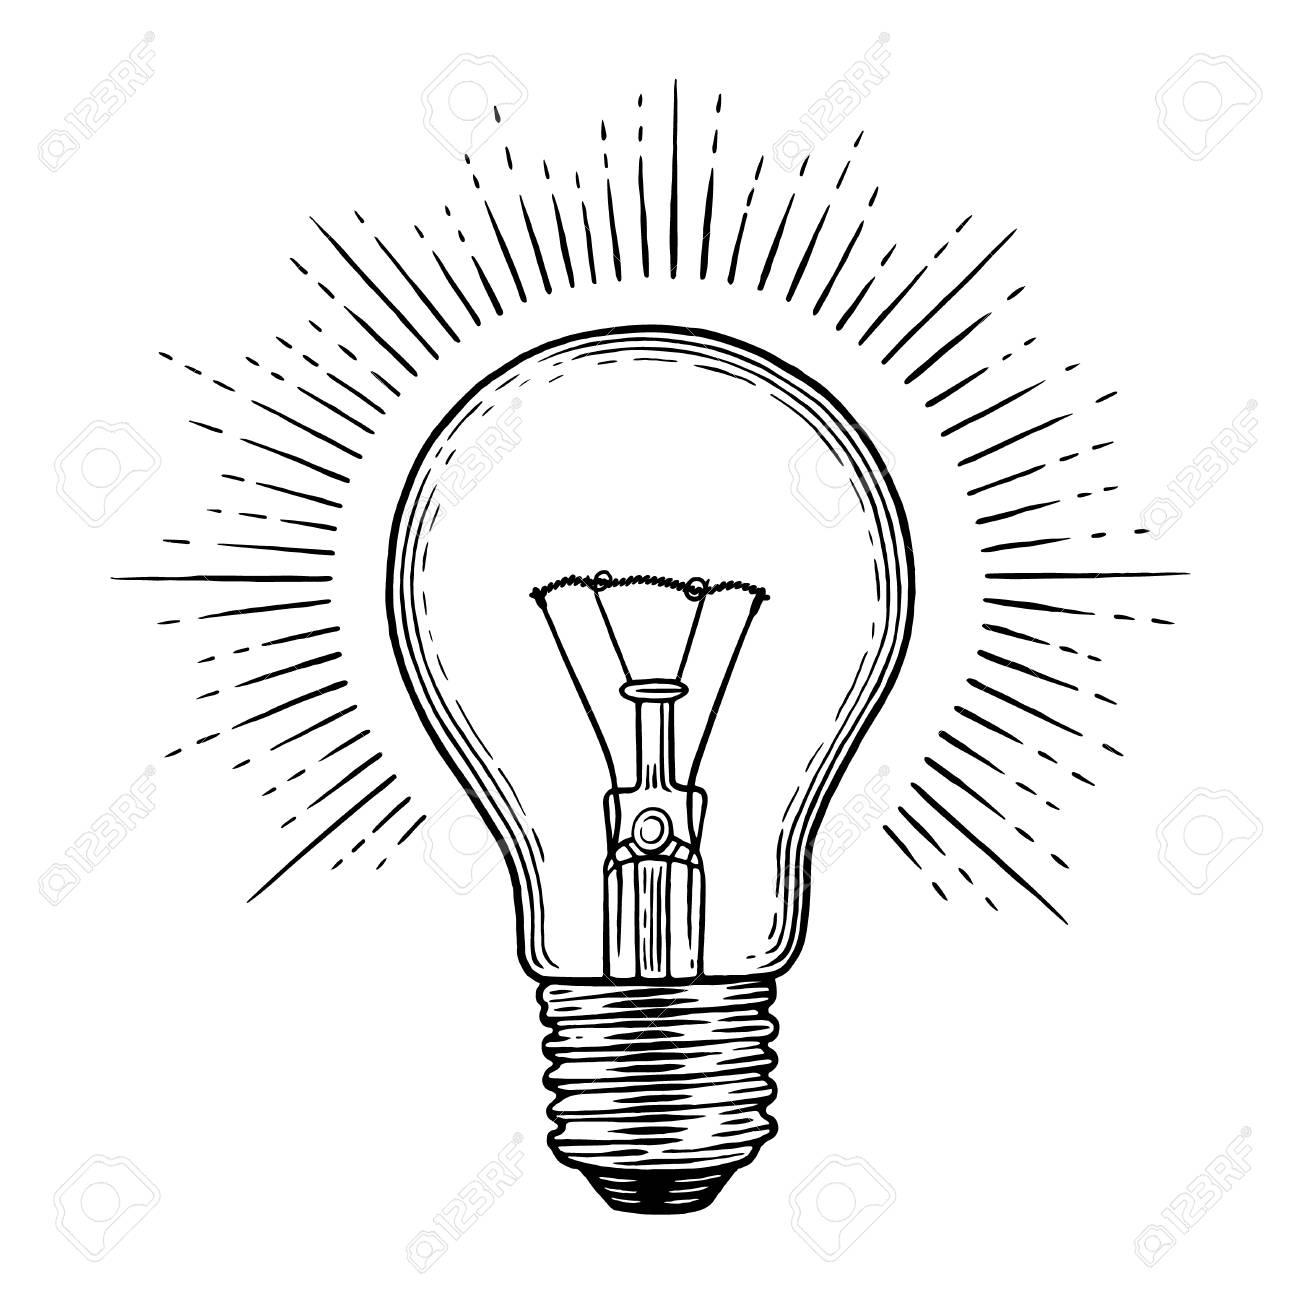 Light bulb engraving illustration. - 92472328